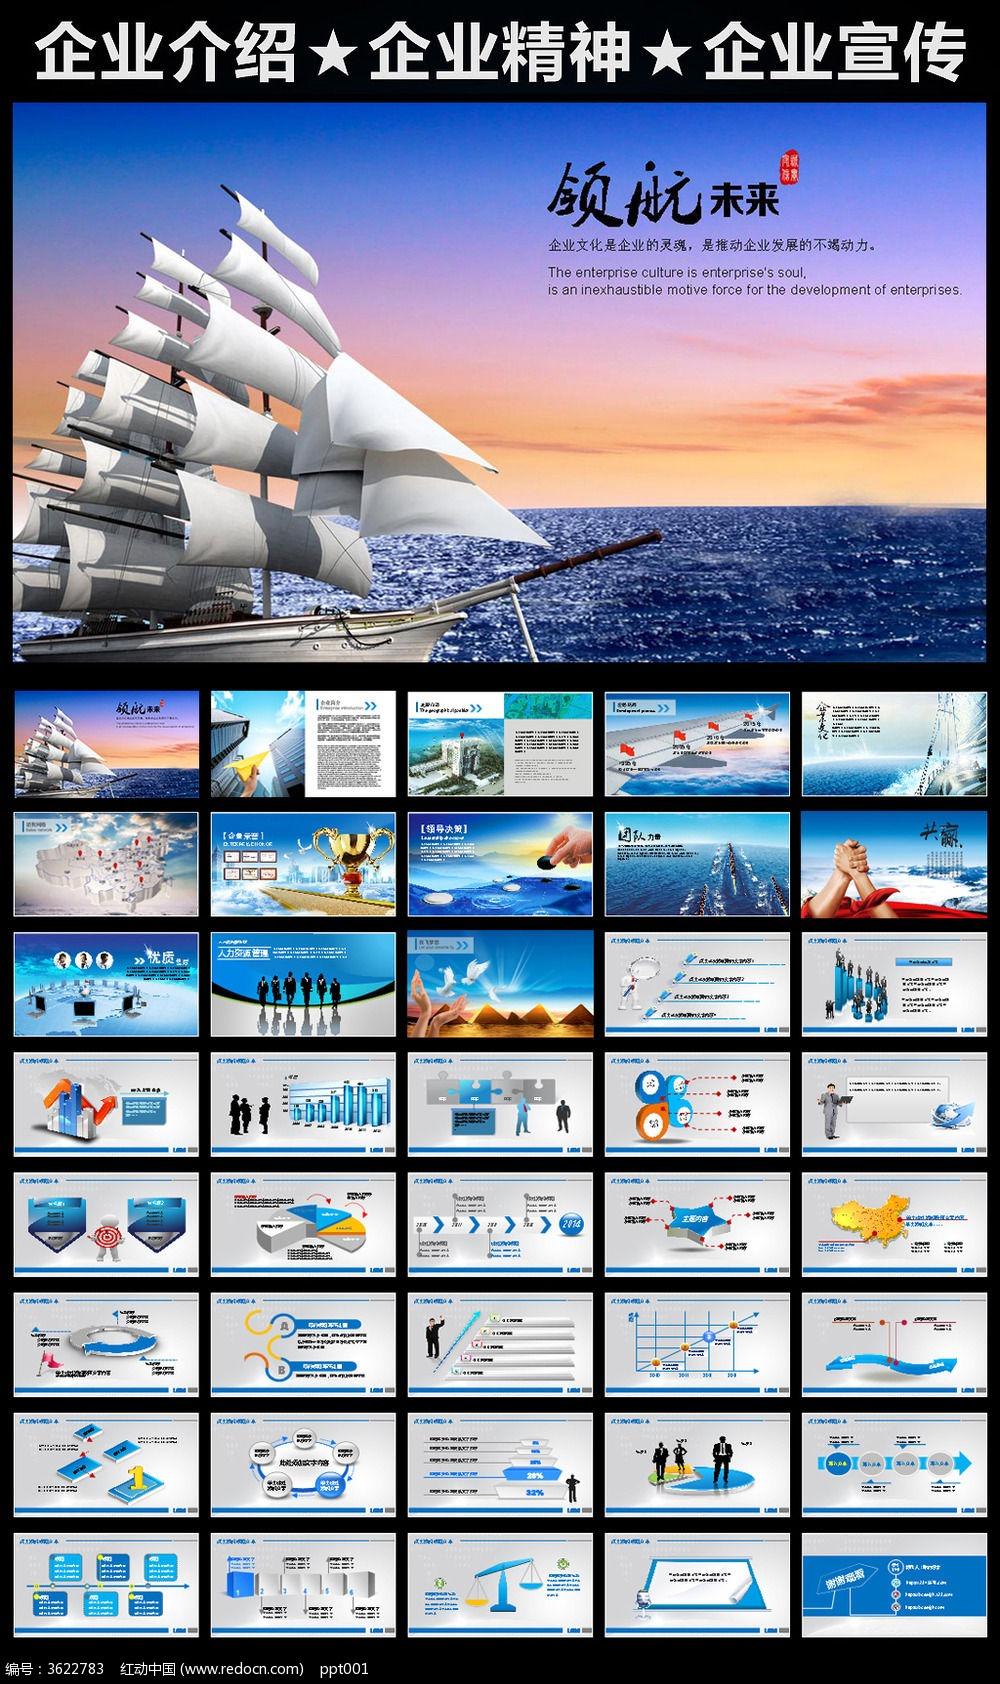 领航商务企业文化公司简介ppt素材下载(编号3622783)图片